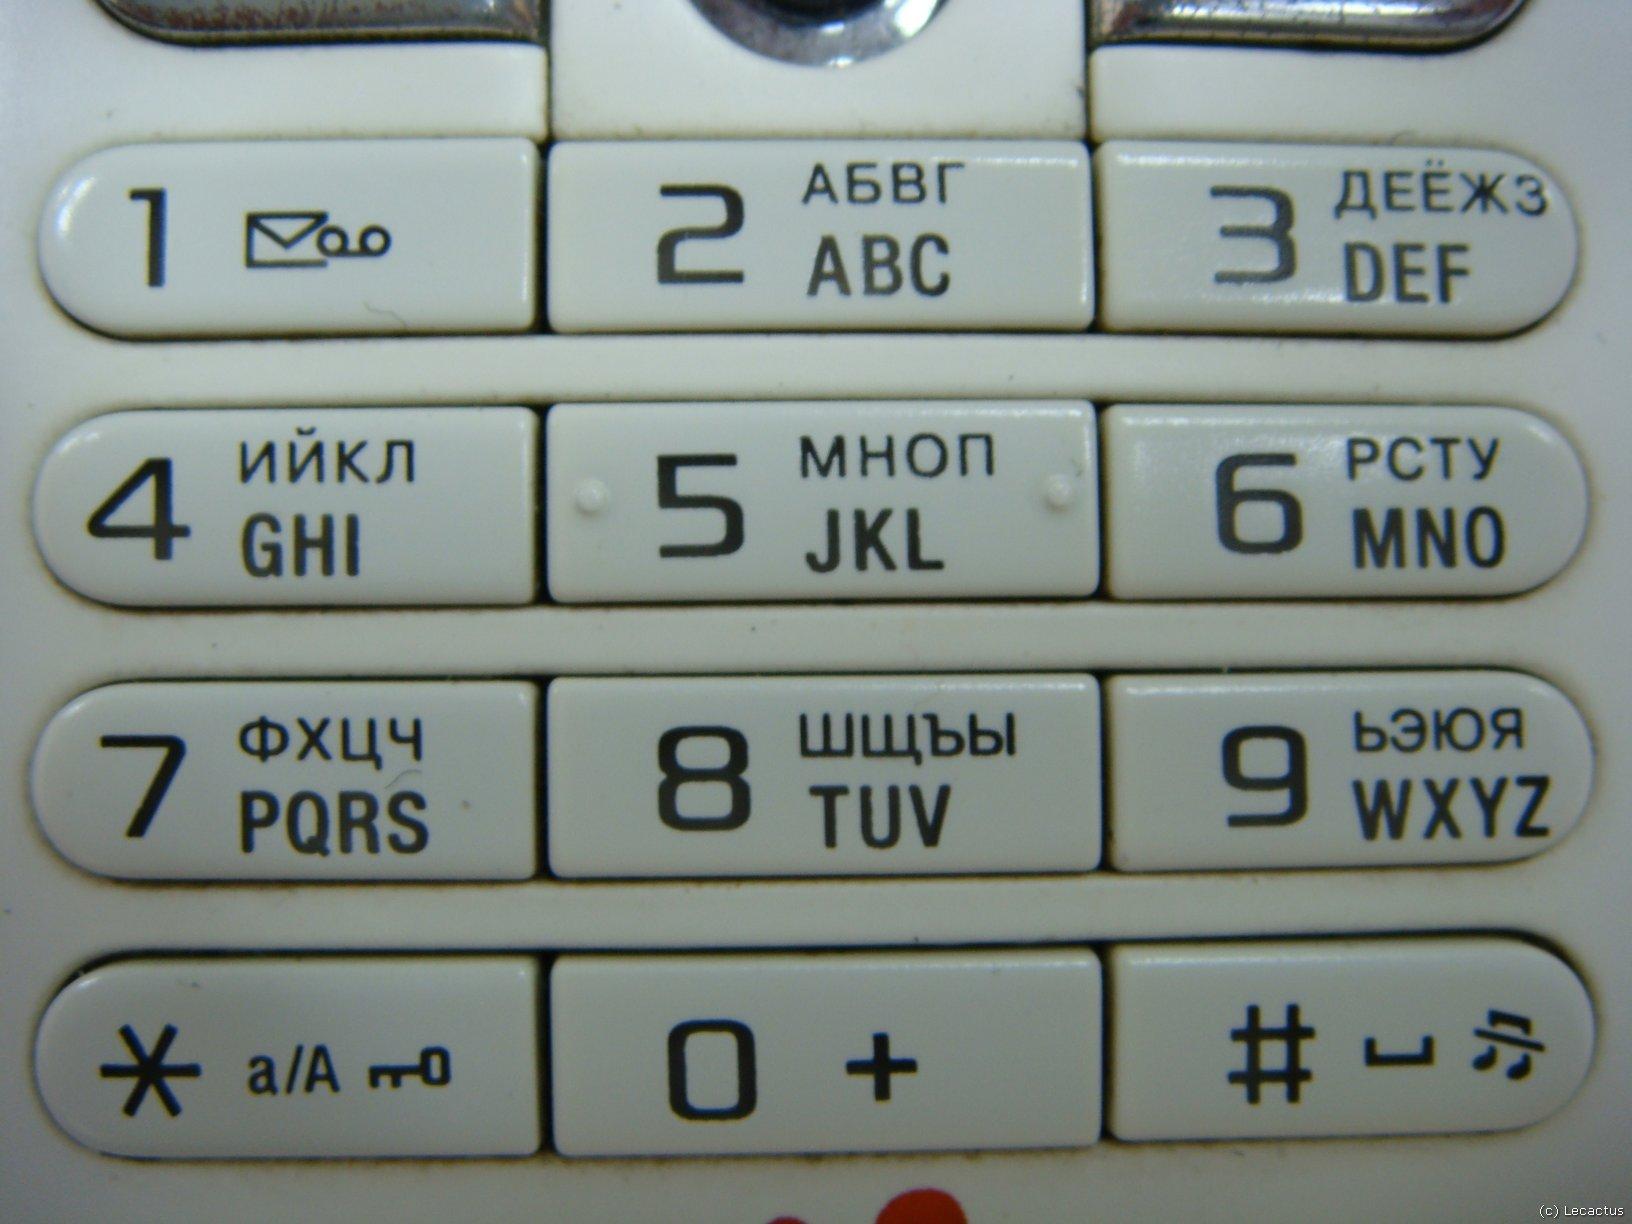 Не нажимается кнопка (джойстик) или сенсор что делать 55